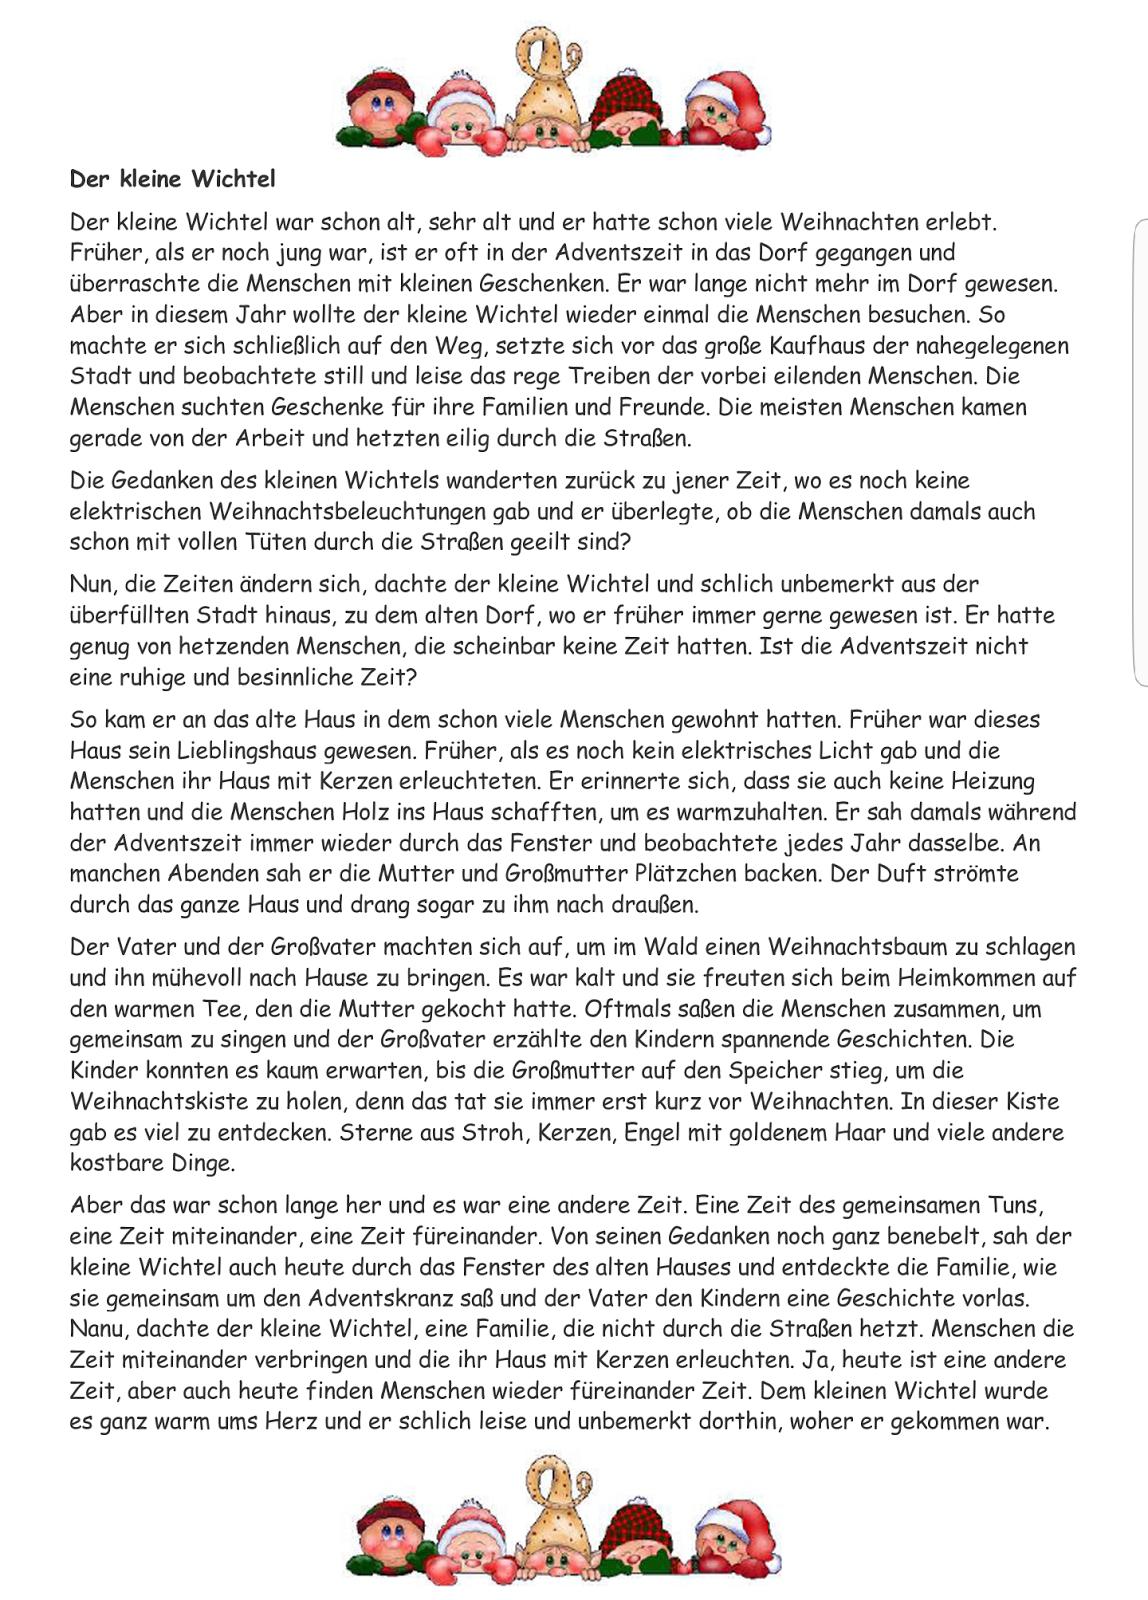 """Geschichte """"der Kleine Wichtel""""   Weihnachten Geschichte ganzes Lustige Weihnachtsgeschichten Für Kindergartenkinder Kurz"""